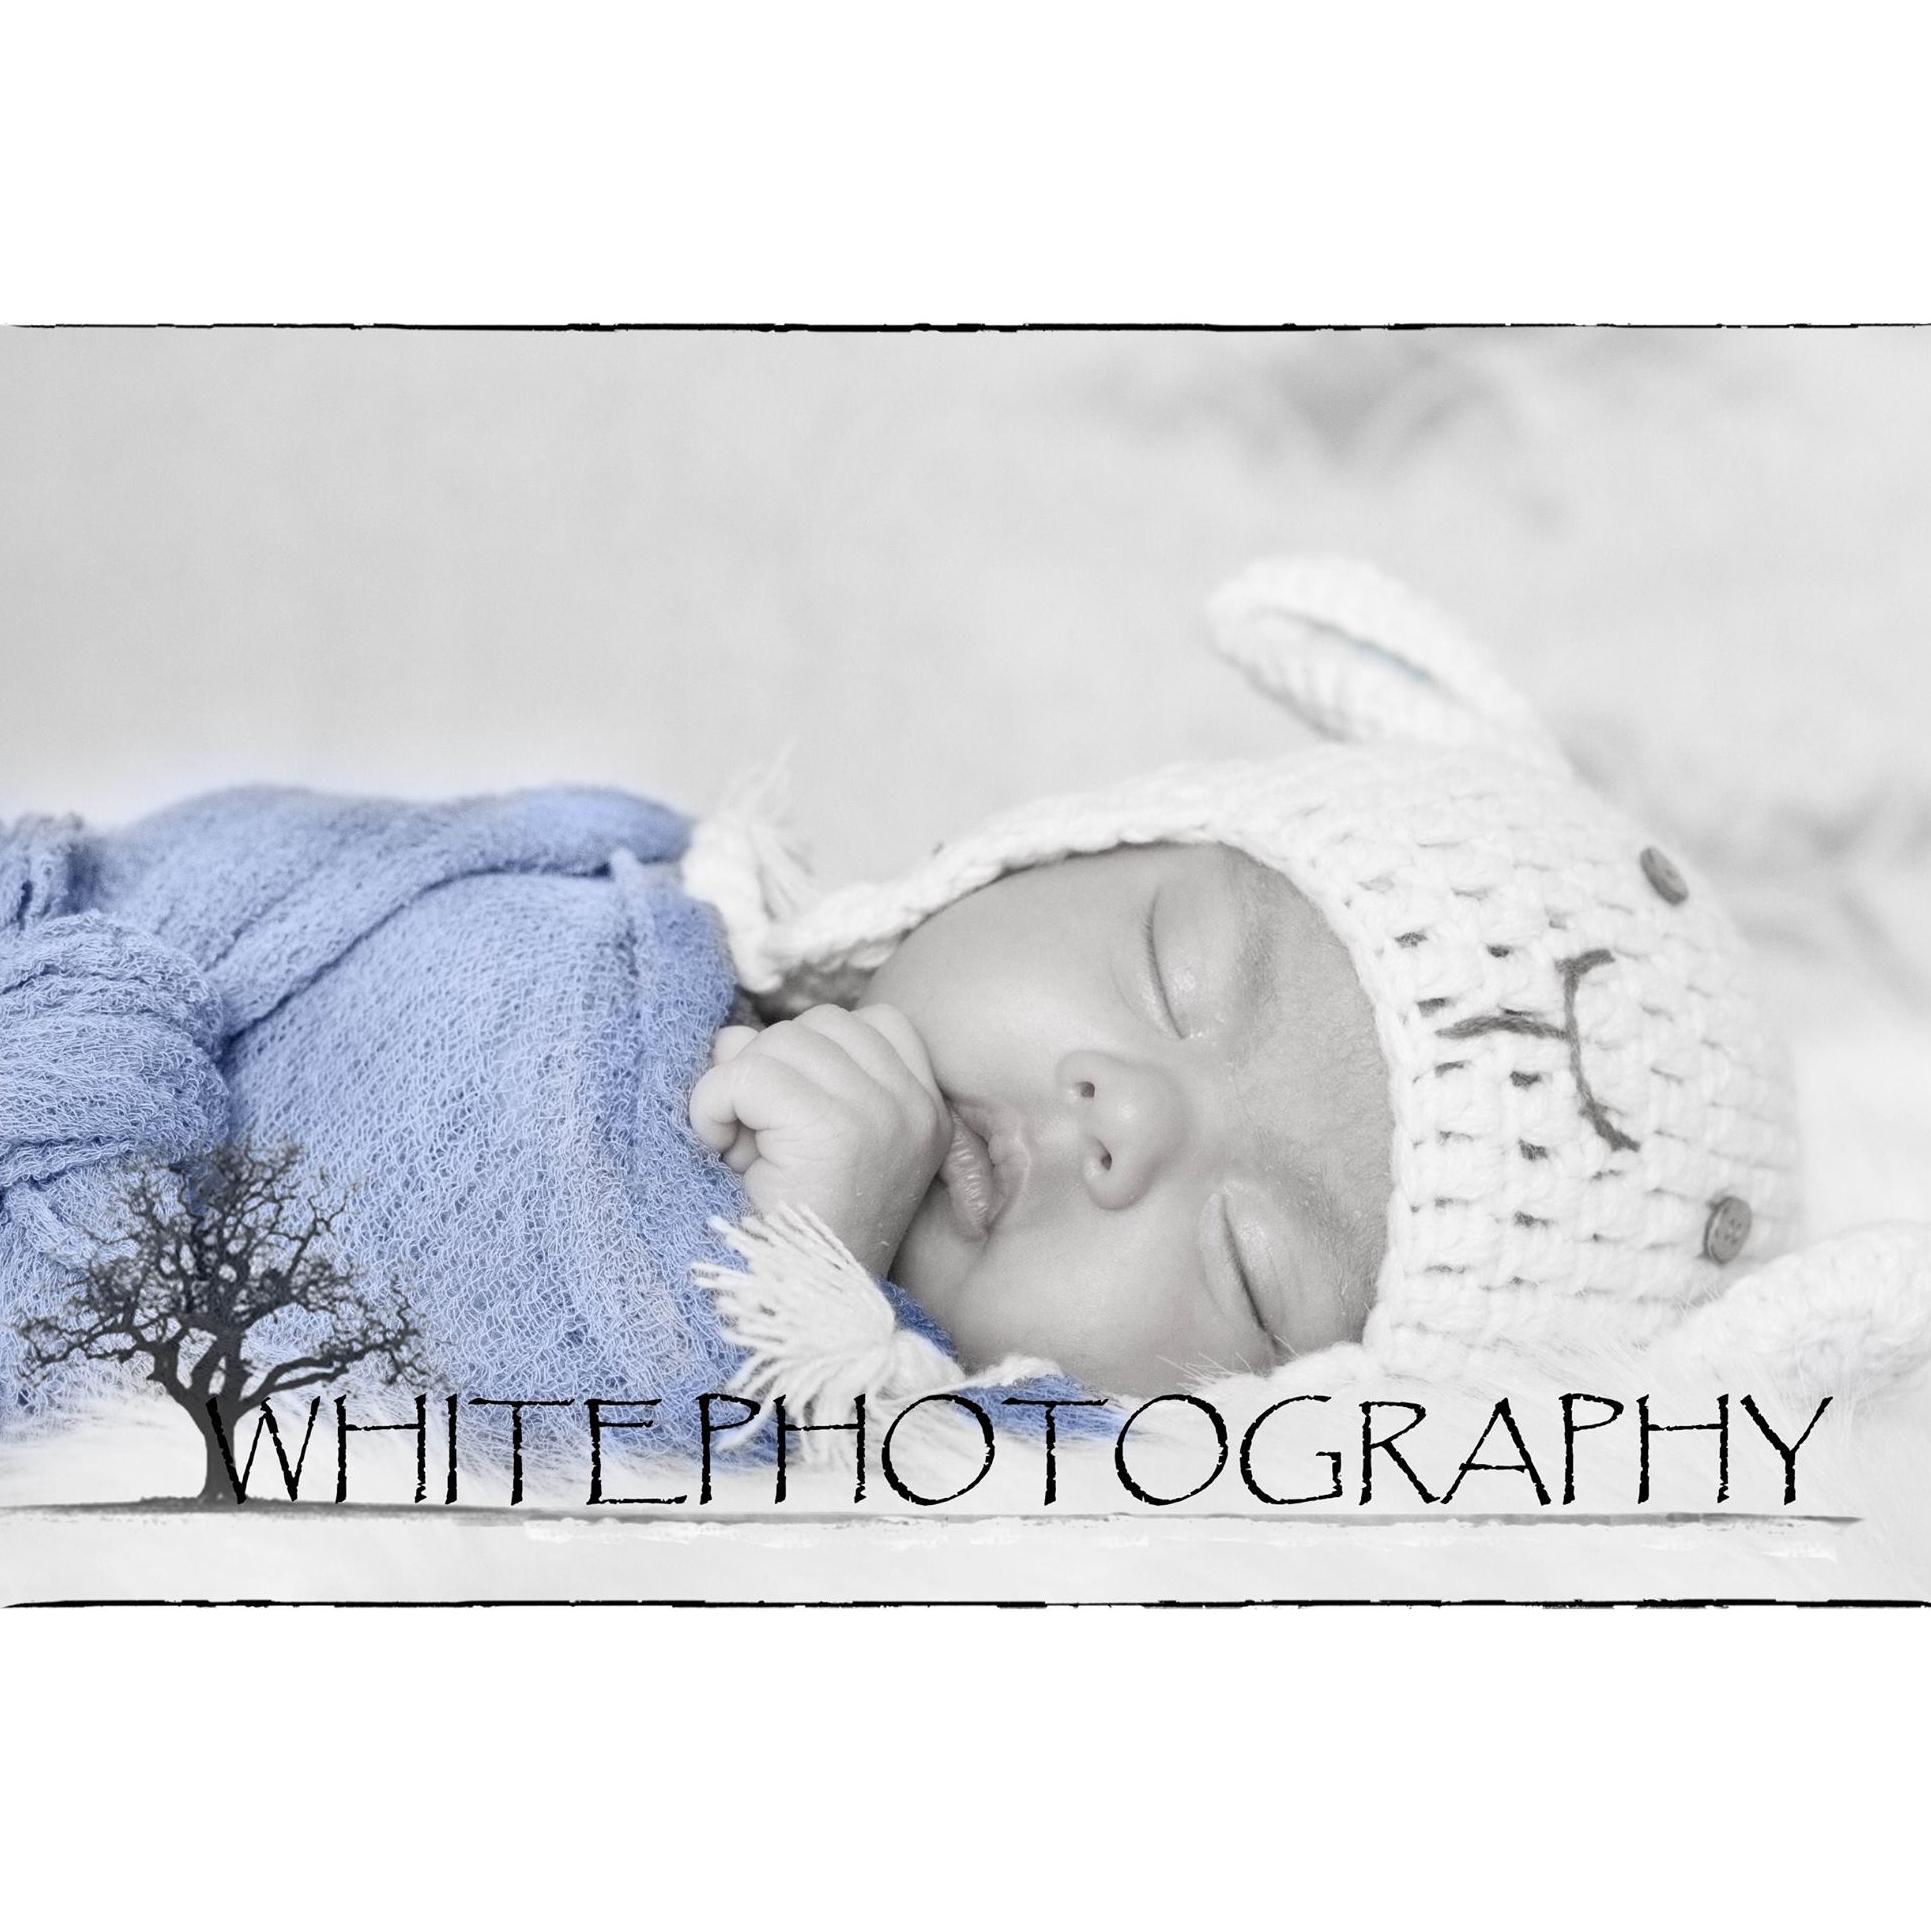 Whitephotography